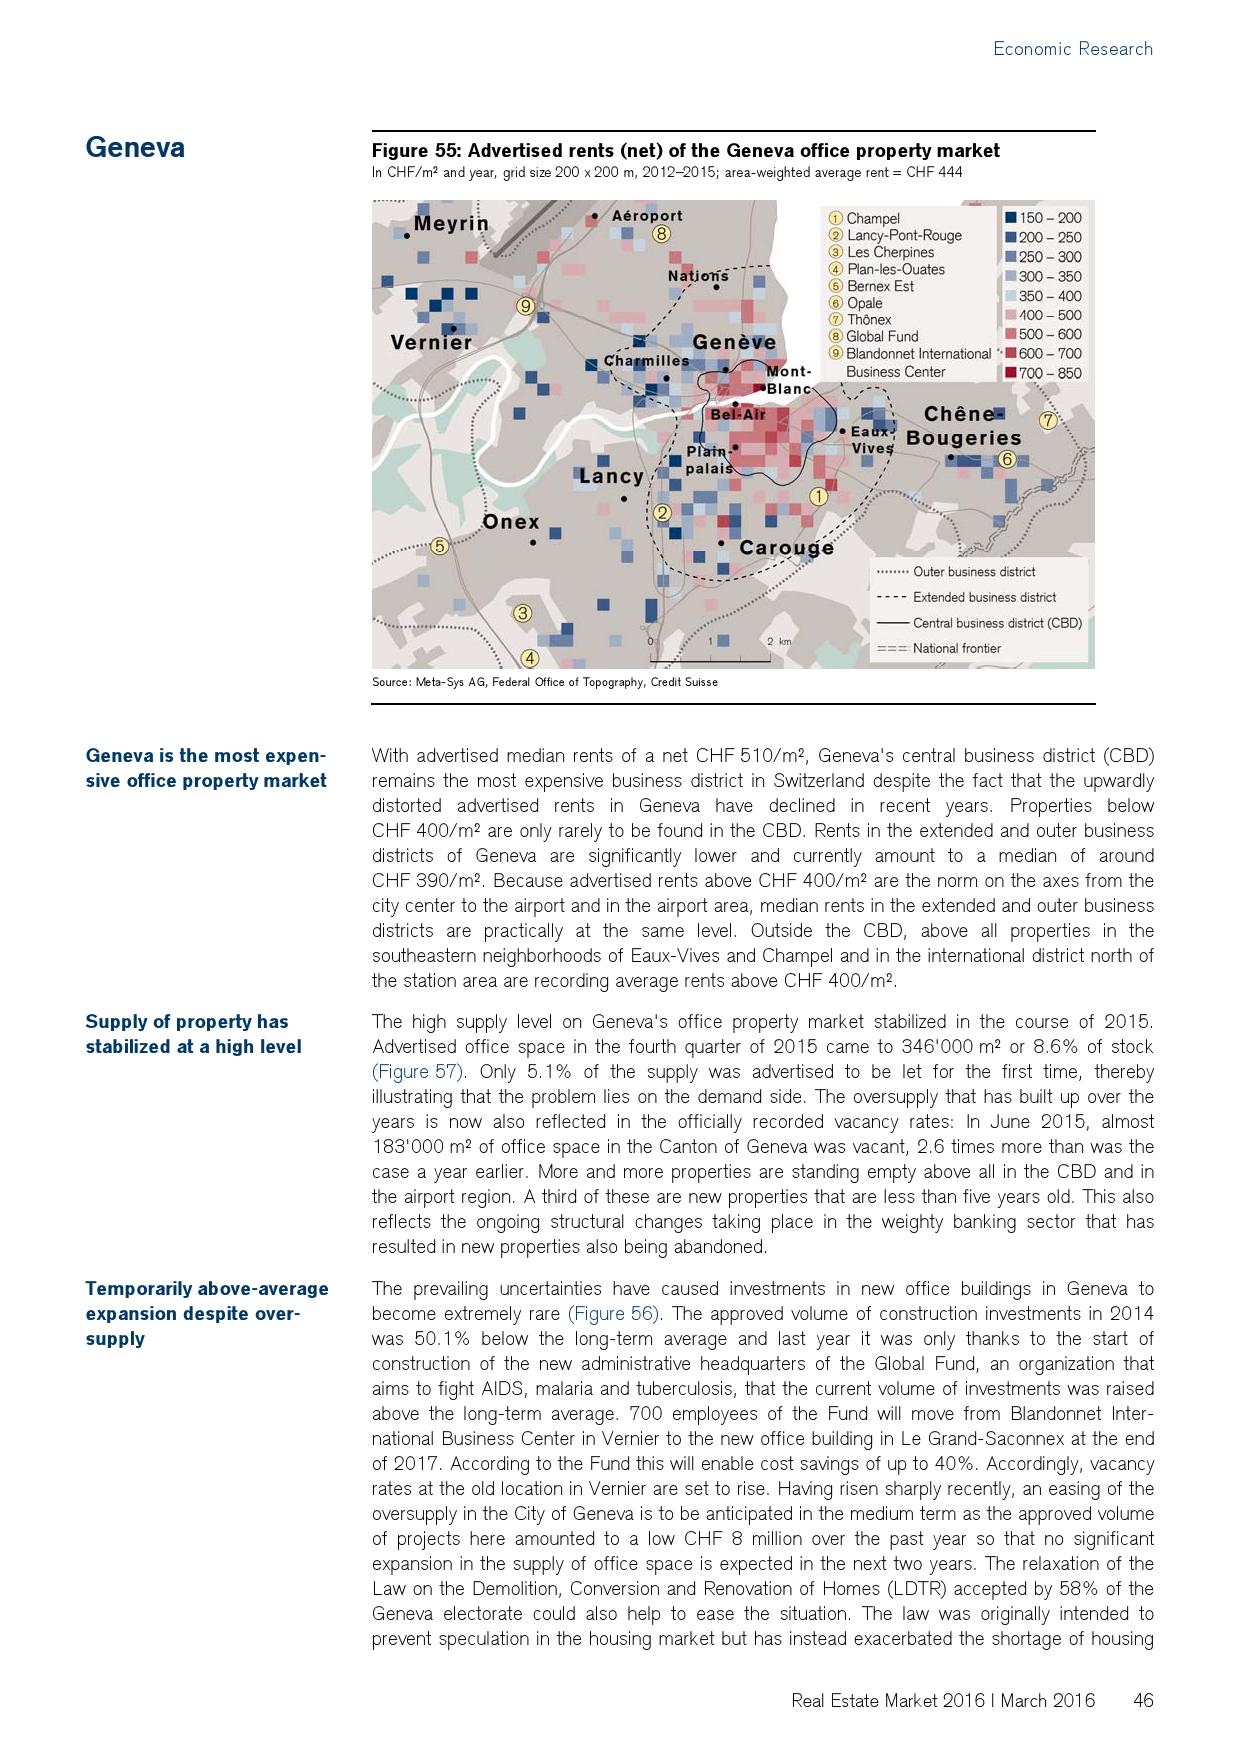 2016年瑞士房地产市场研究报告_000046